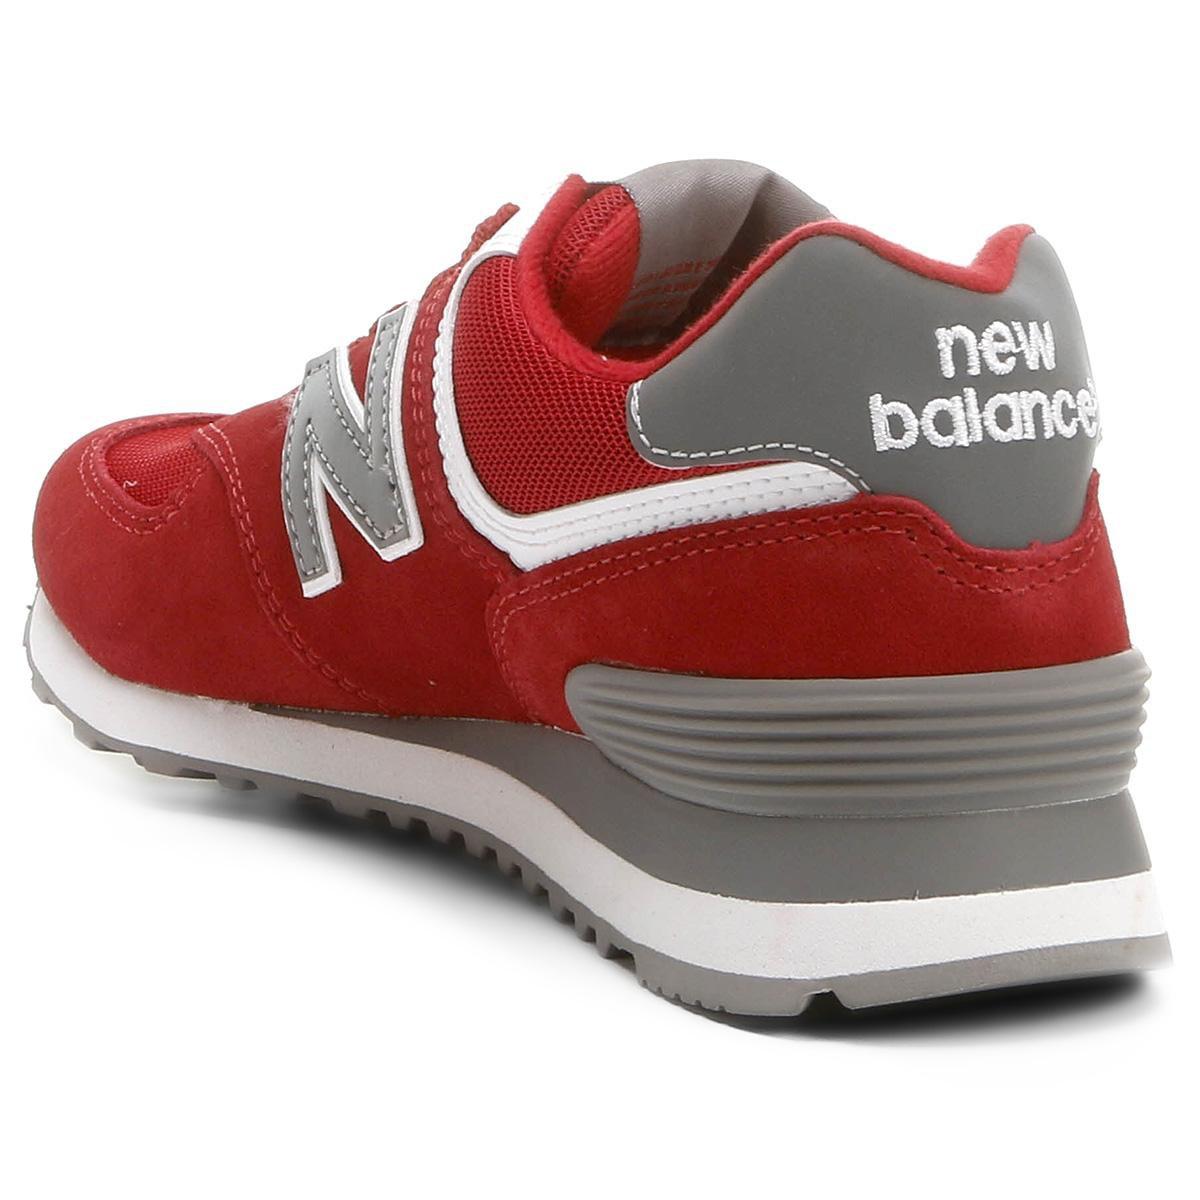 tenis new balance vermelho feminino